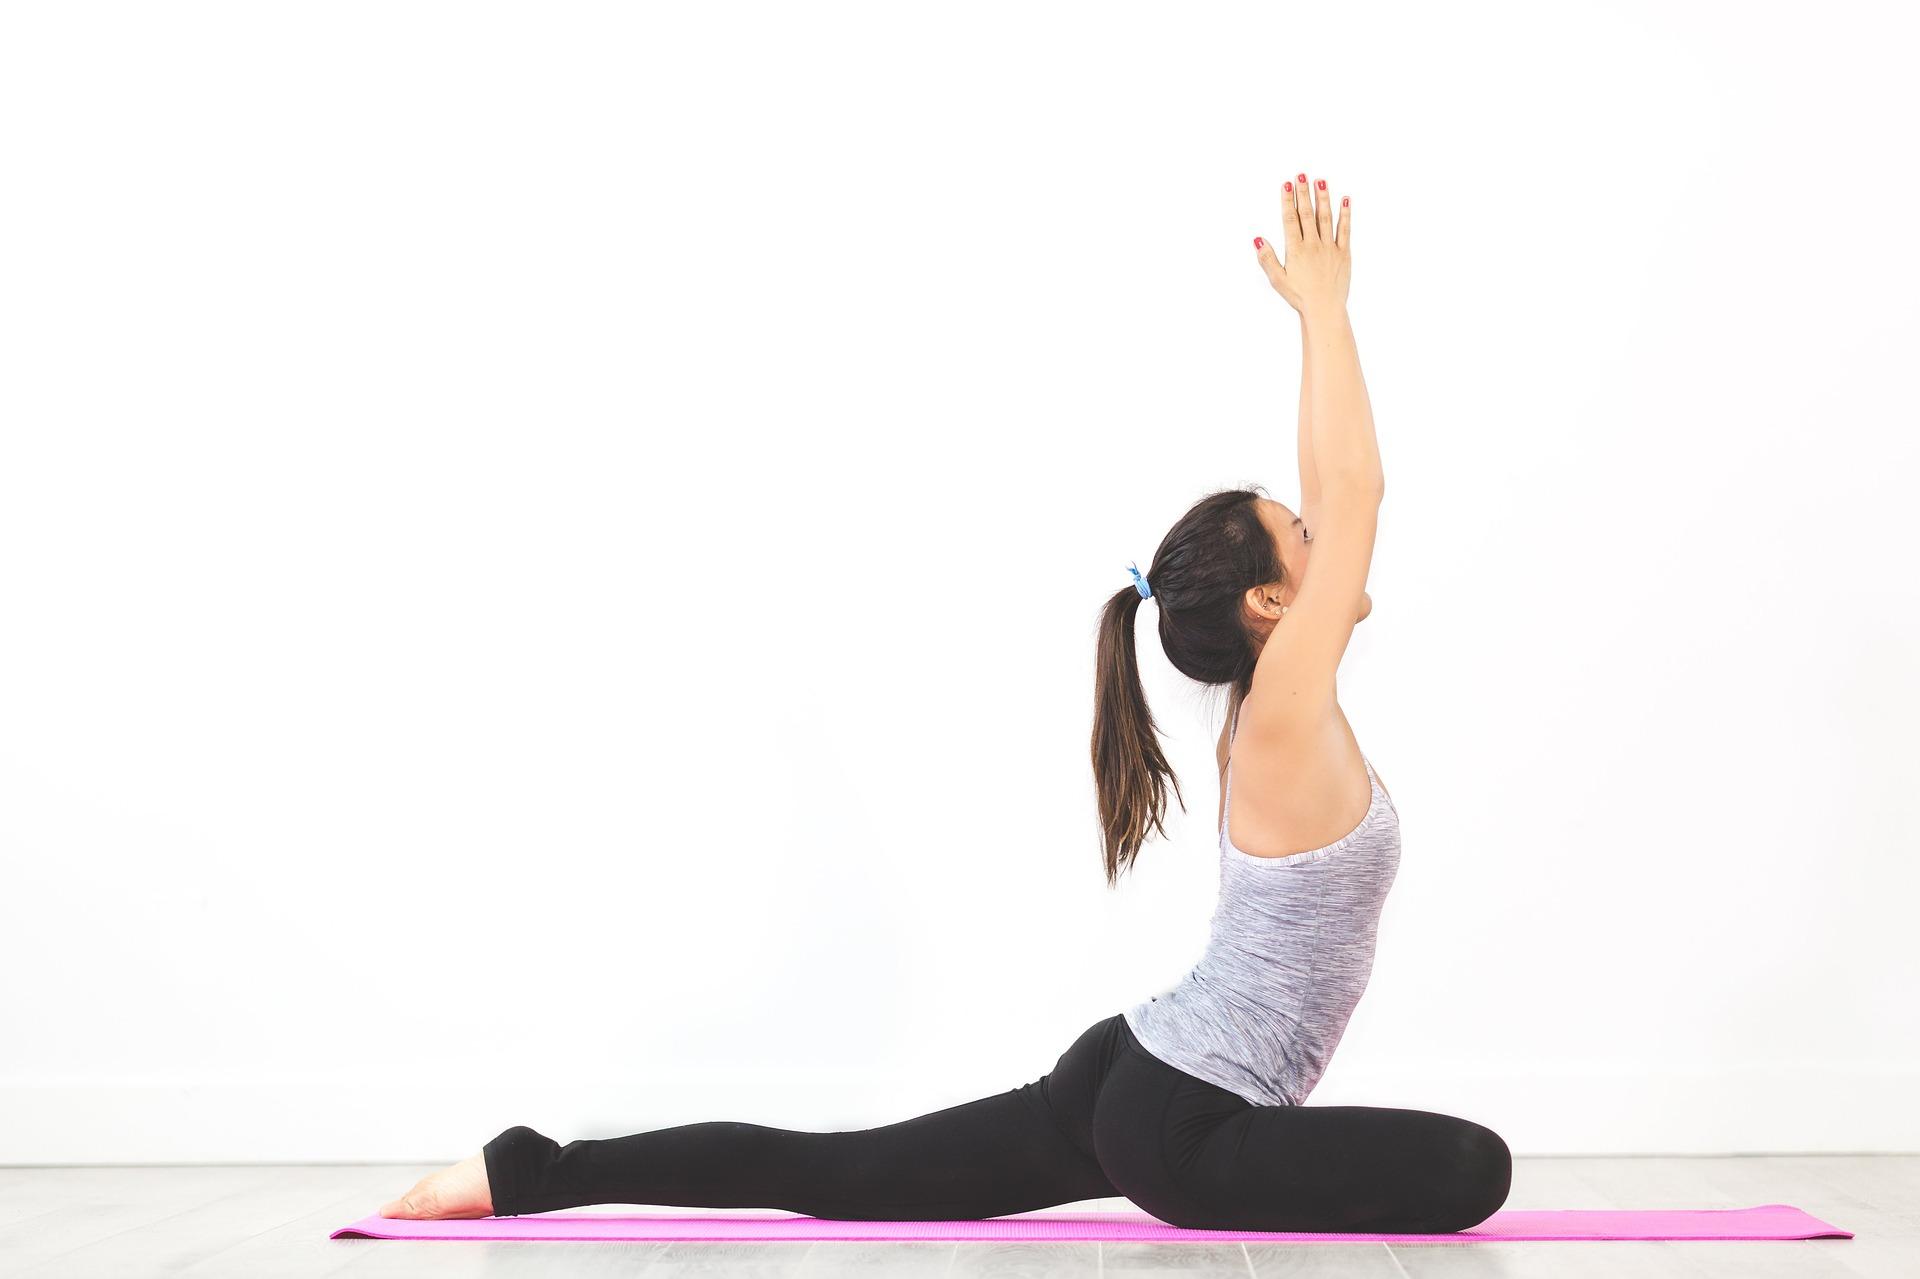 podložka na cvičení